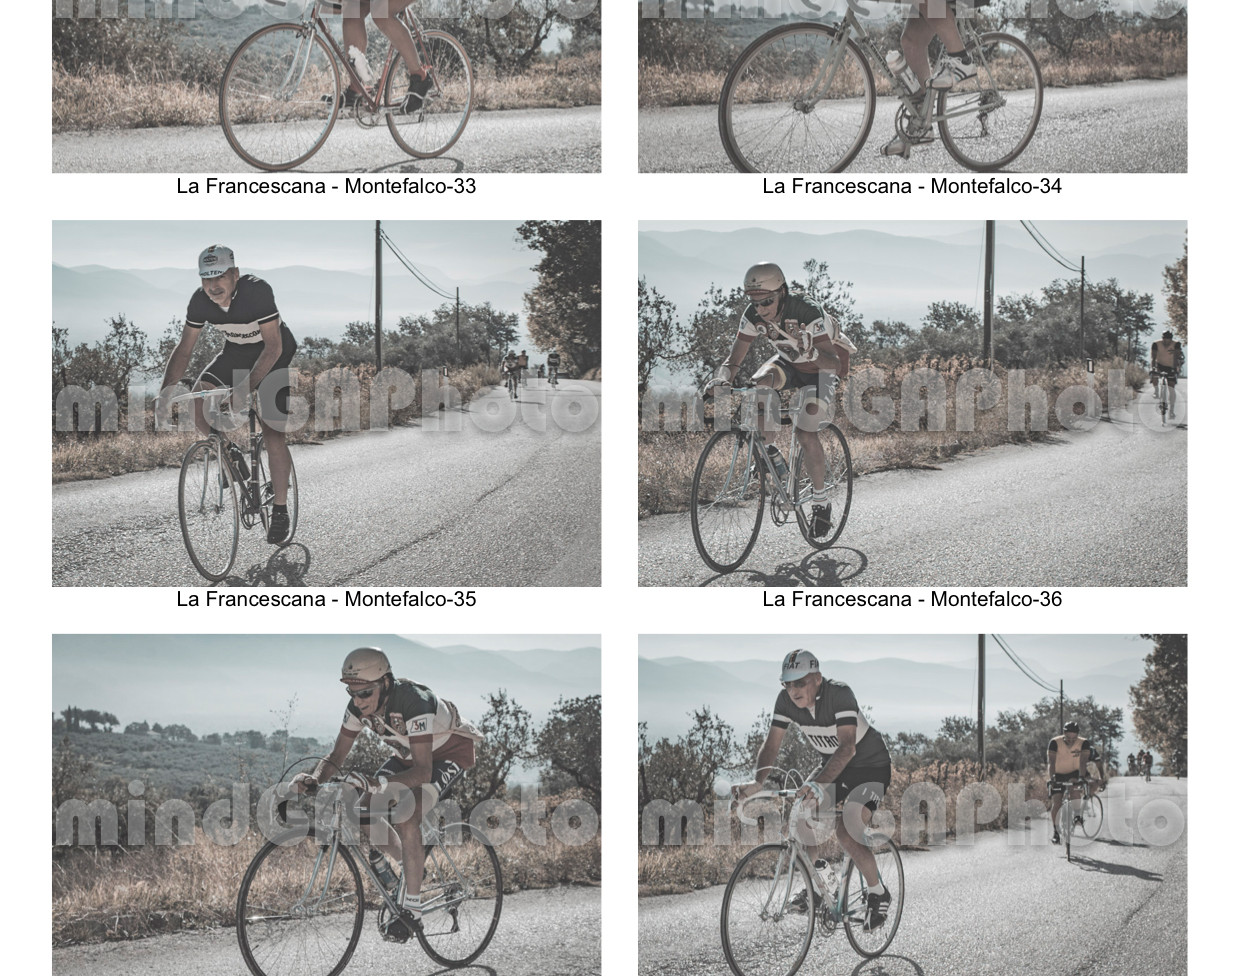 La Francescana - La Corsa